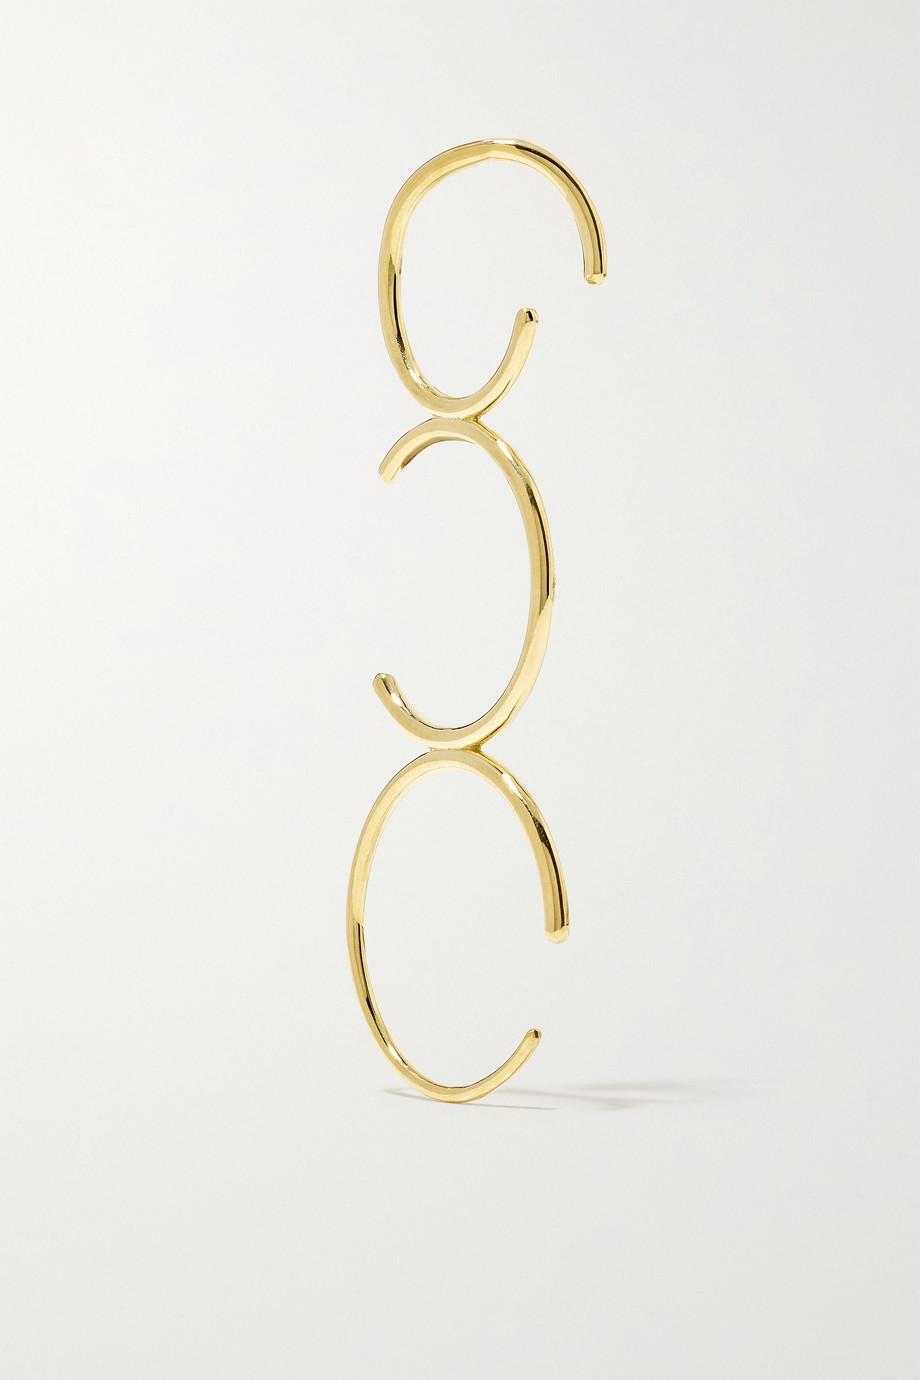 KATKIM 18-karat gold ear cuff